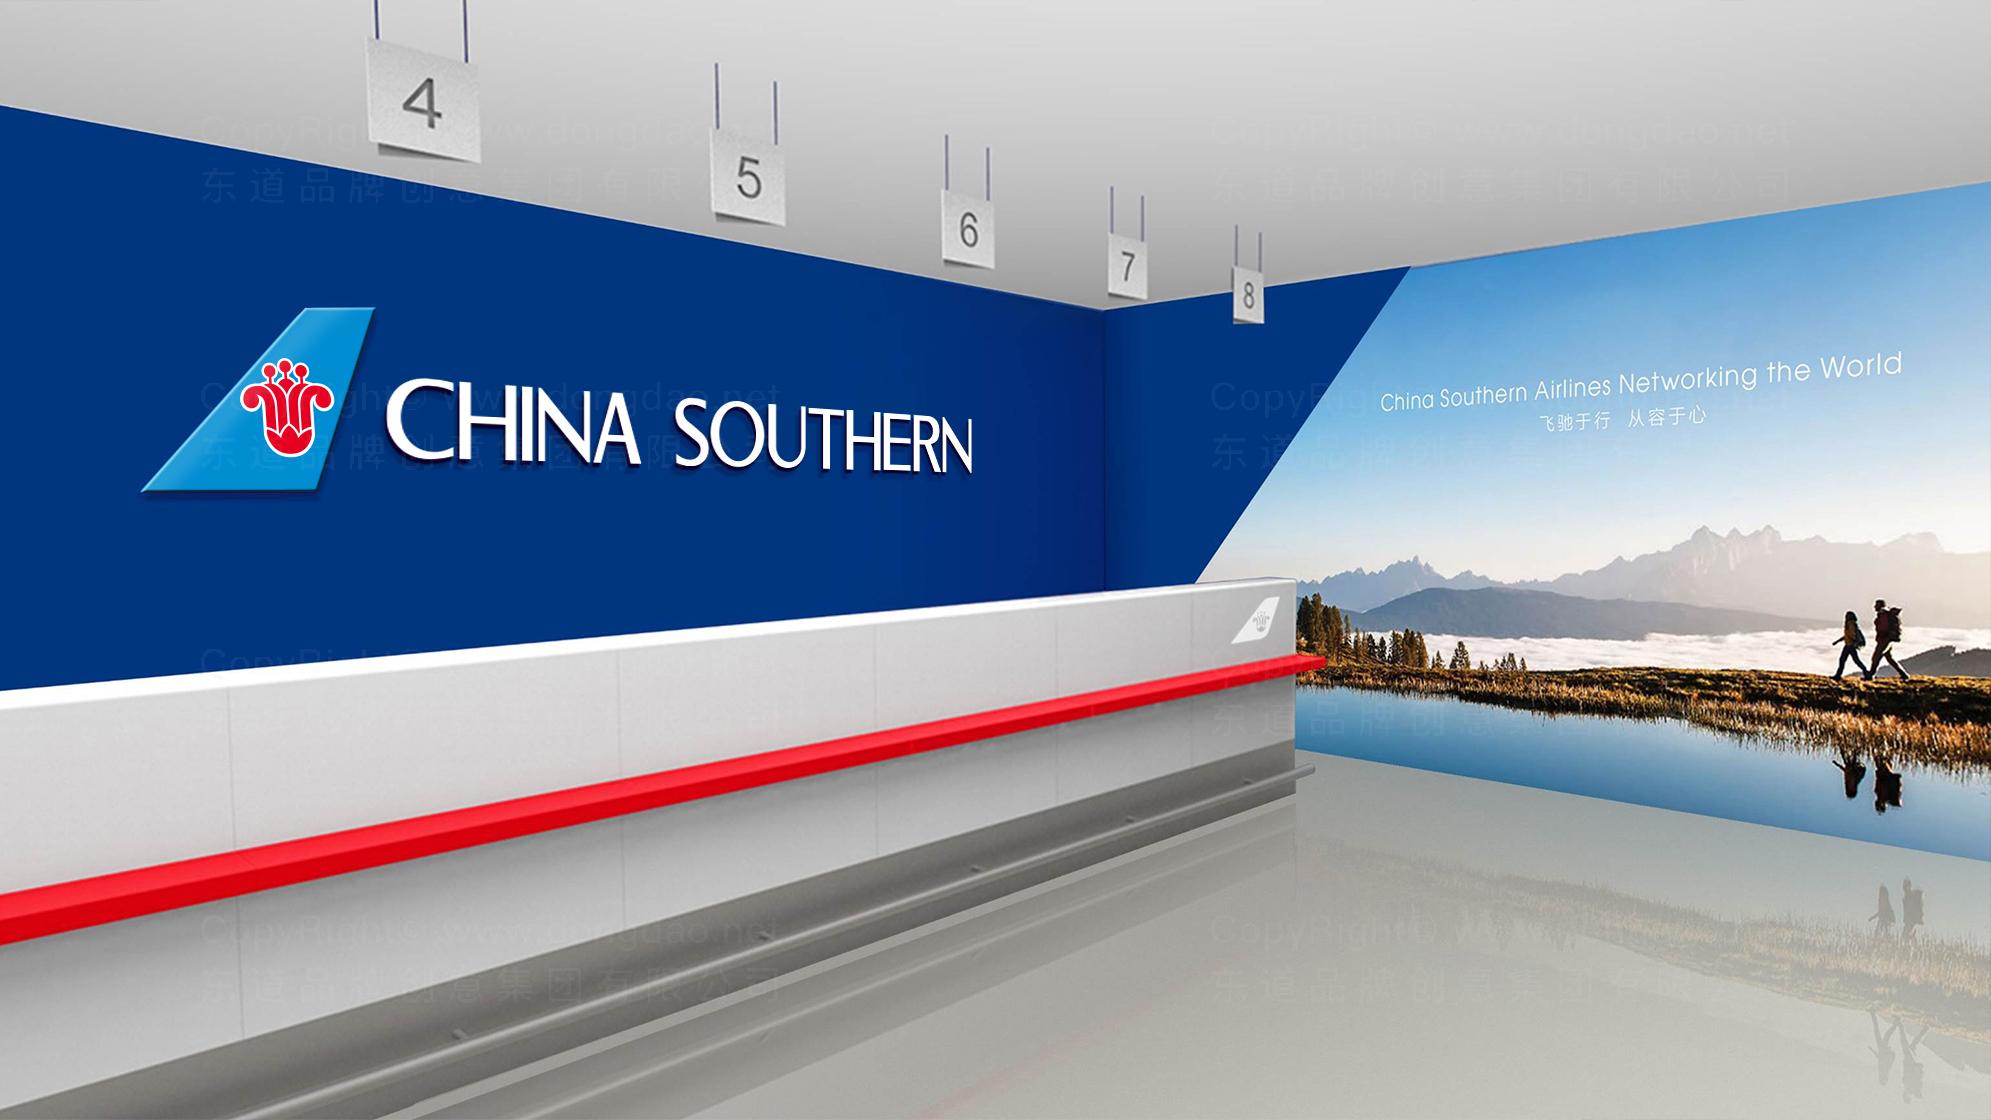 品牌设计南方航空VI设计应用场景_10